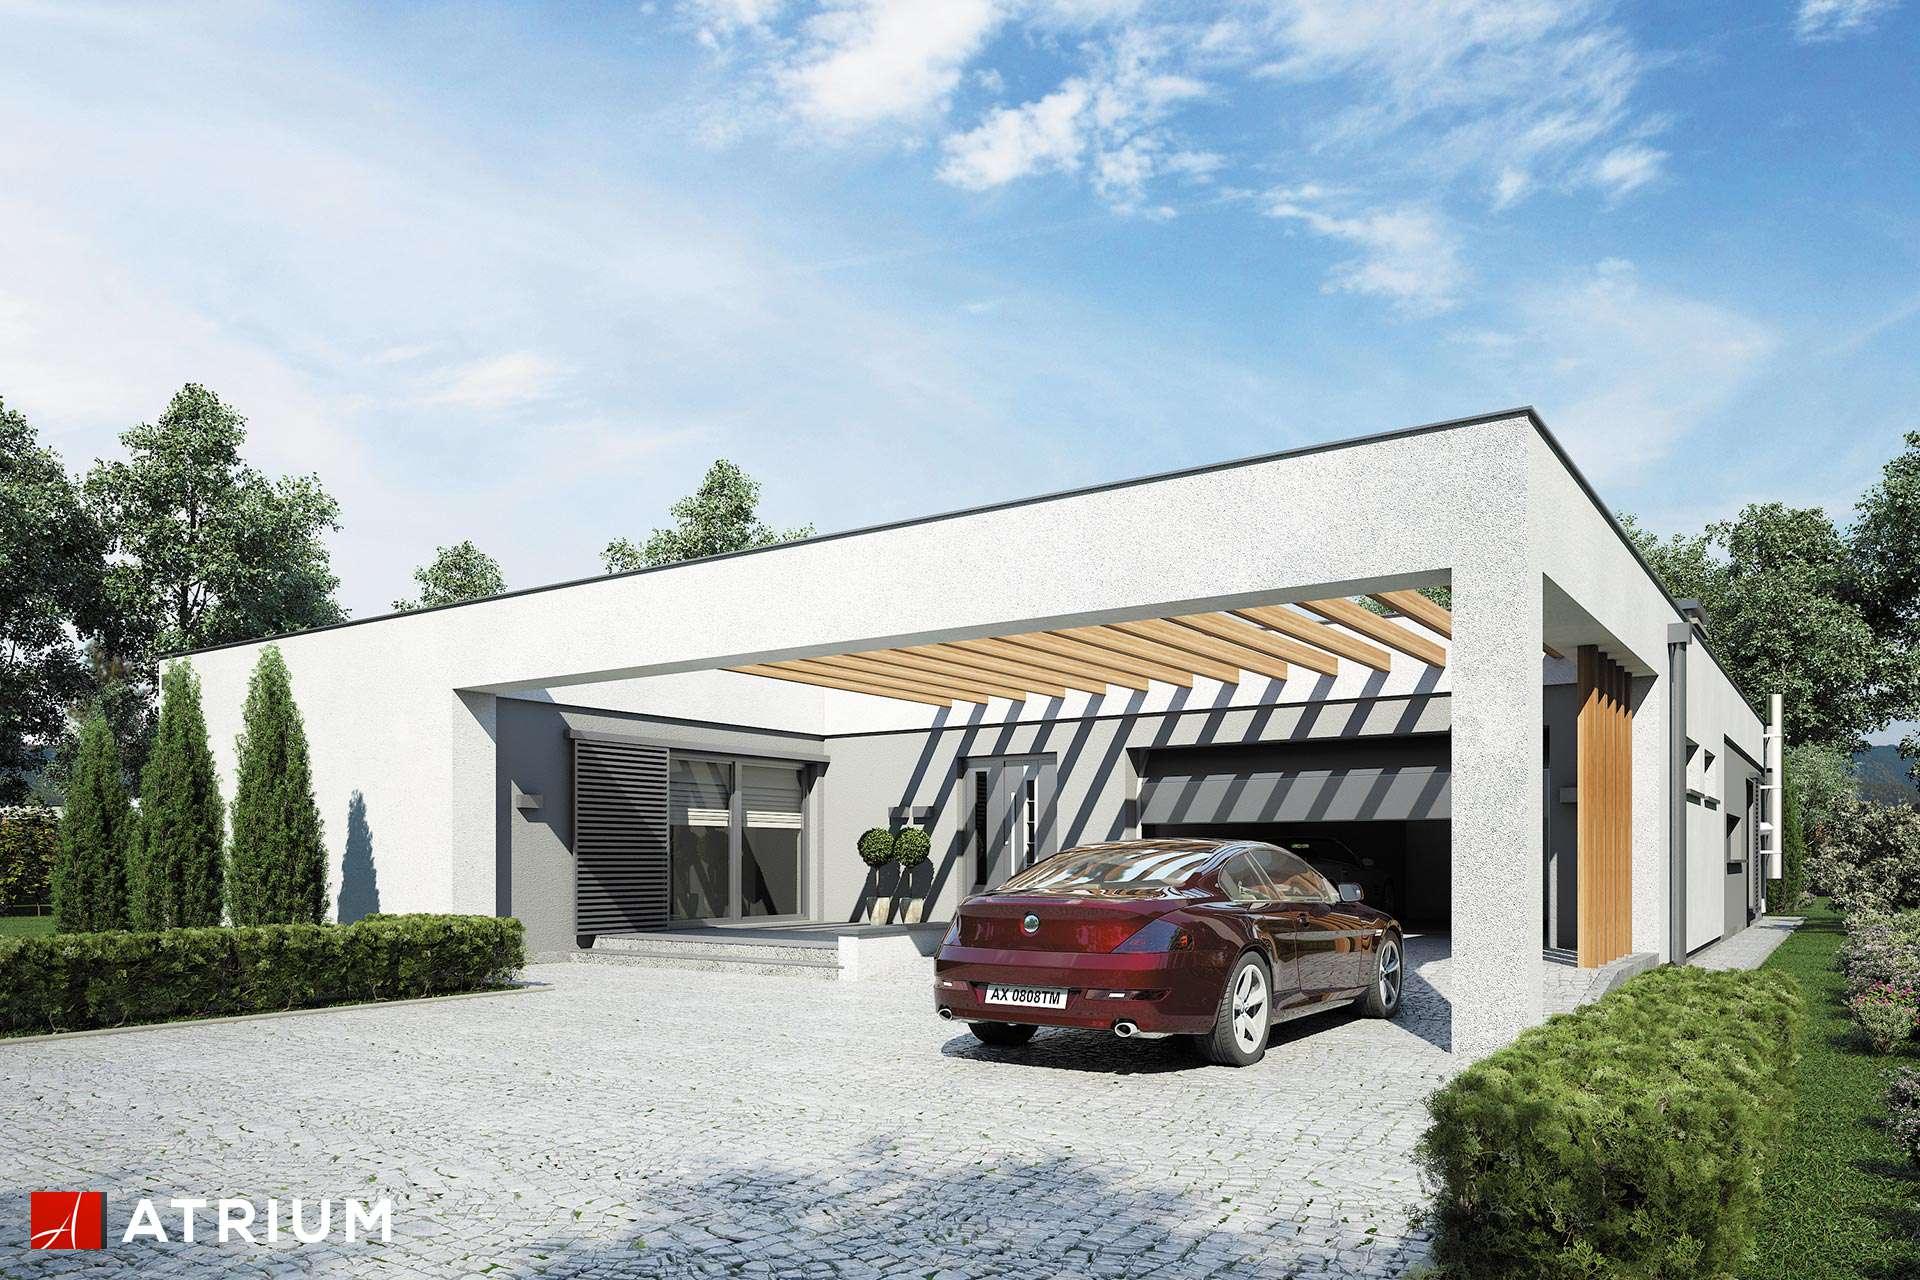 Horizontal Iii Nowoczesny Dom Z Płaskim Dachem I Garażem 2st